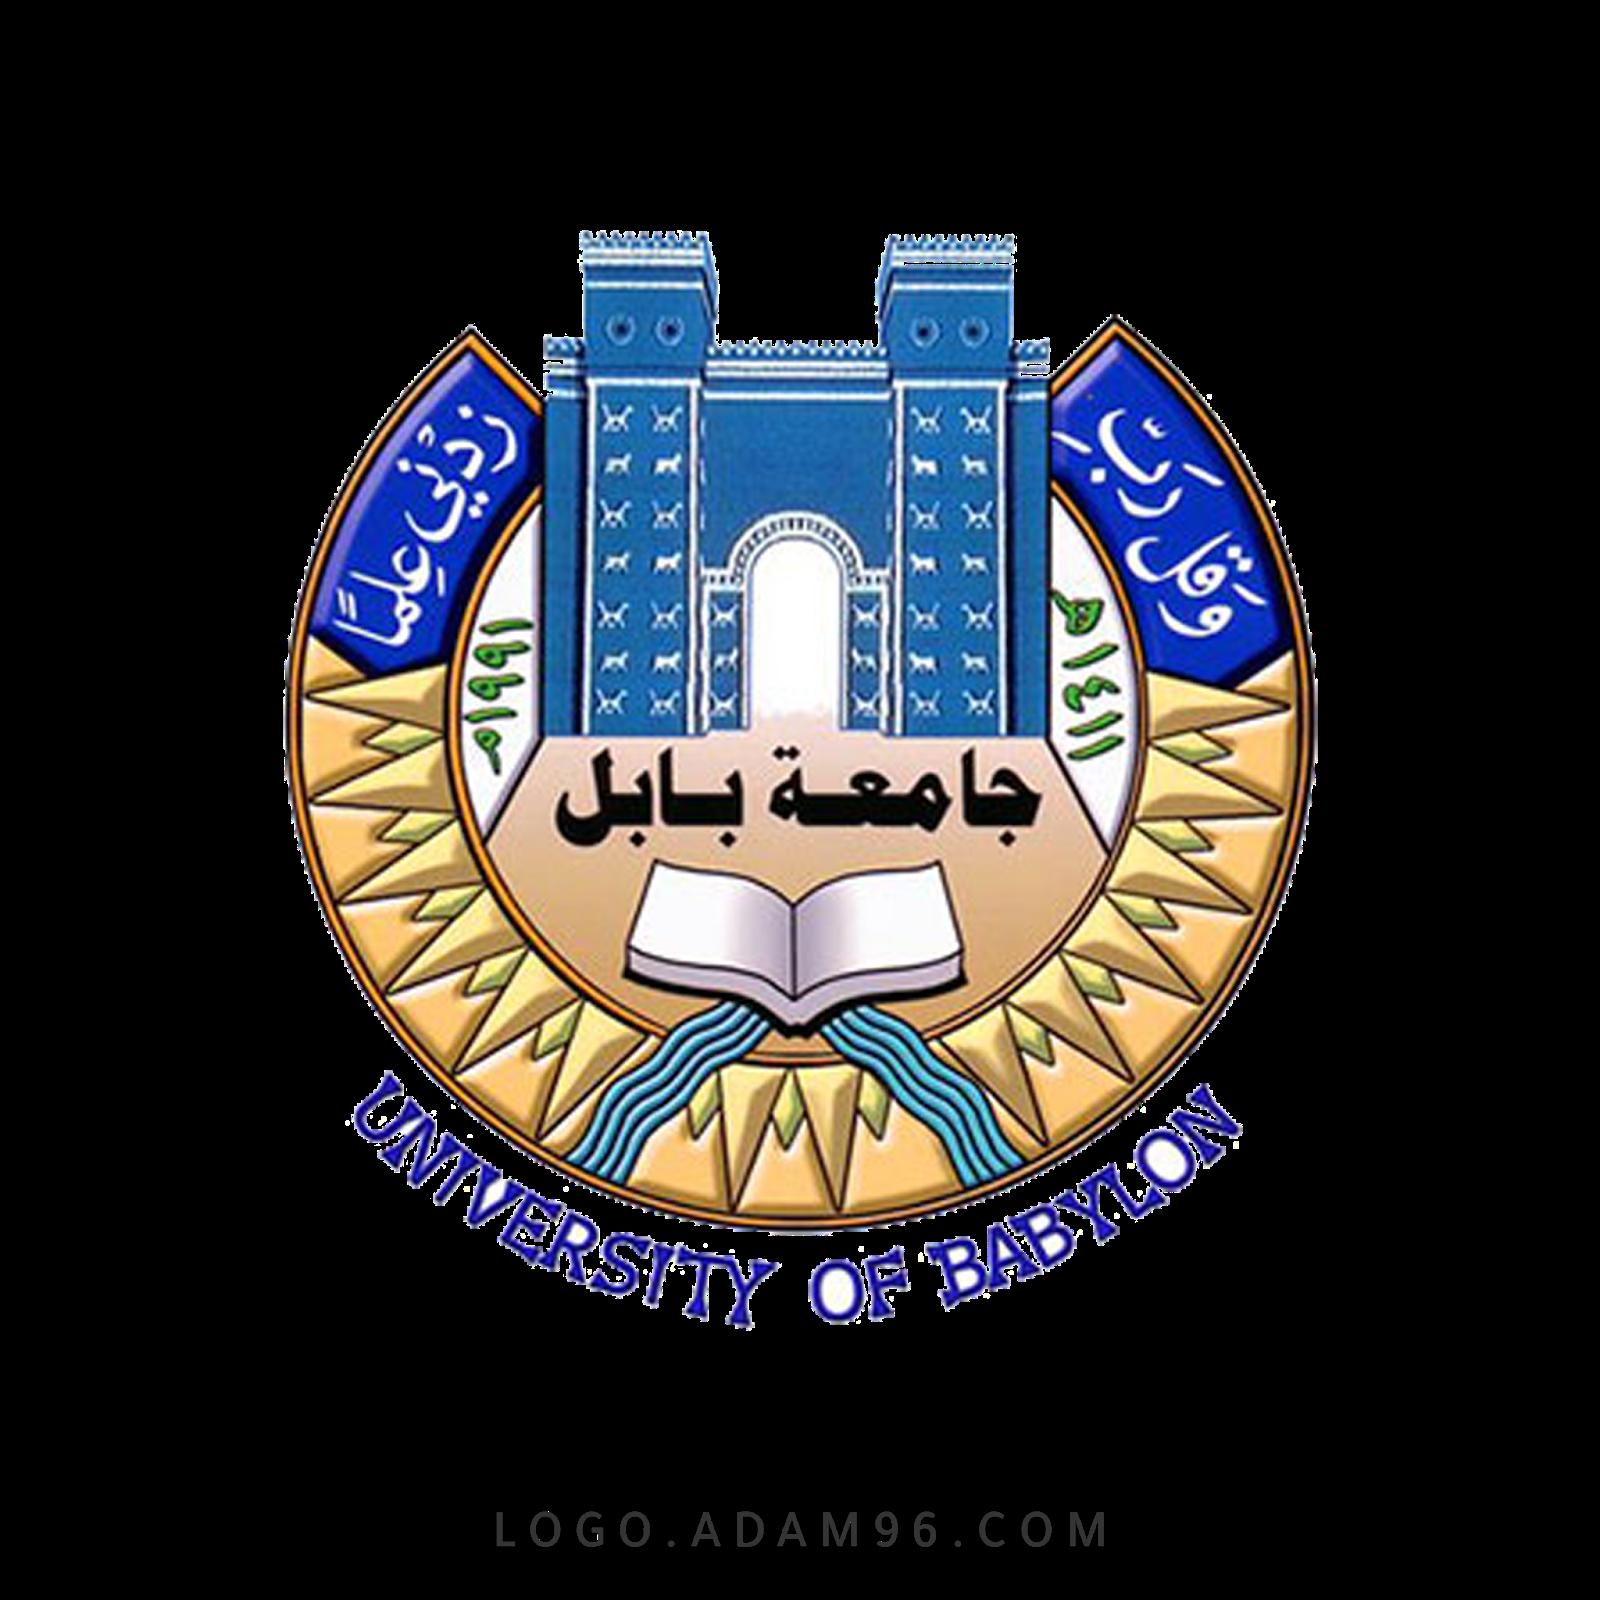 تحميل شعار جامعة بابل الرسمي بصيغة Png لوجو جامعات العراق